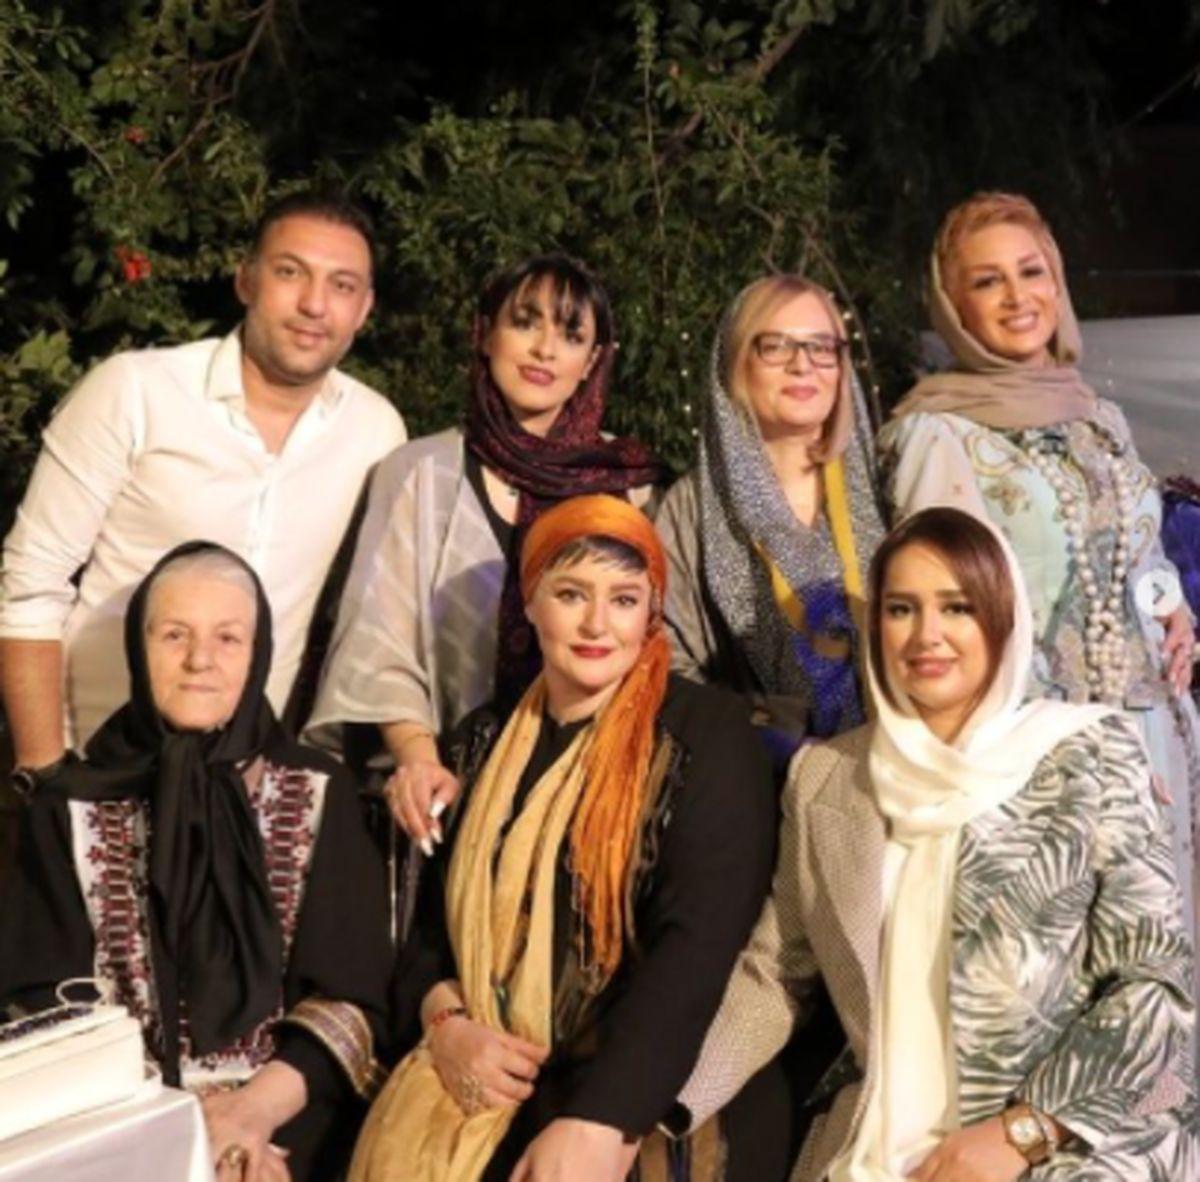 آرایش غلیظ و تیپ آنچنانی نعیمه نظام دوست در جمع خانوادگی+عکس